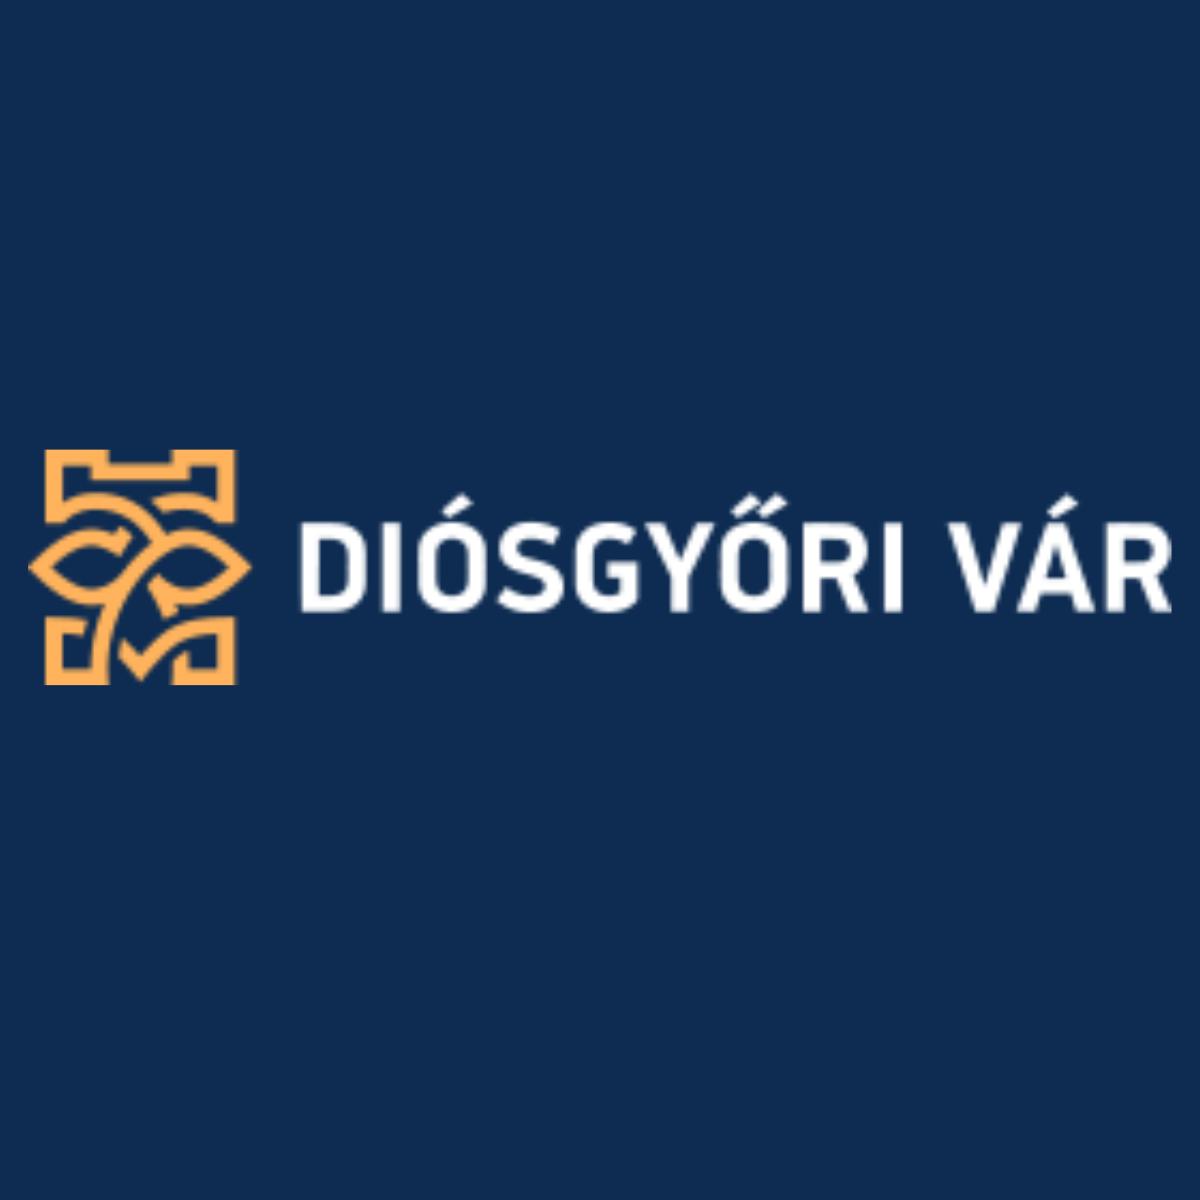 Diósgyőri vár - online marketingreferencia kép